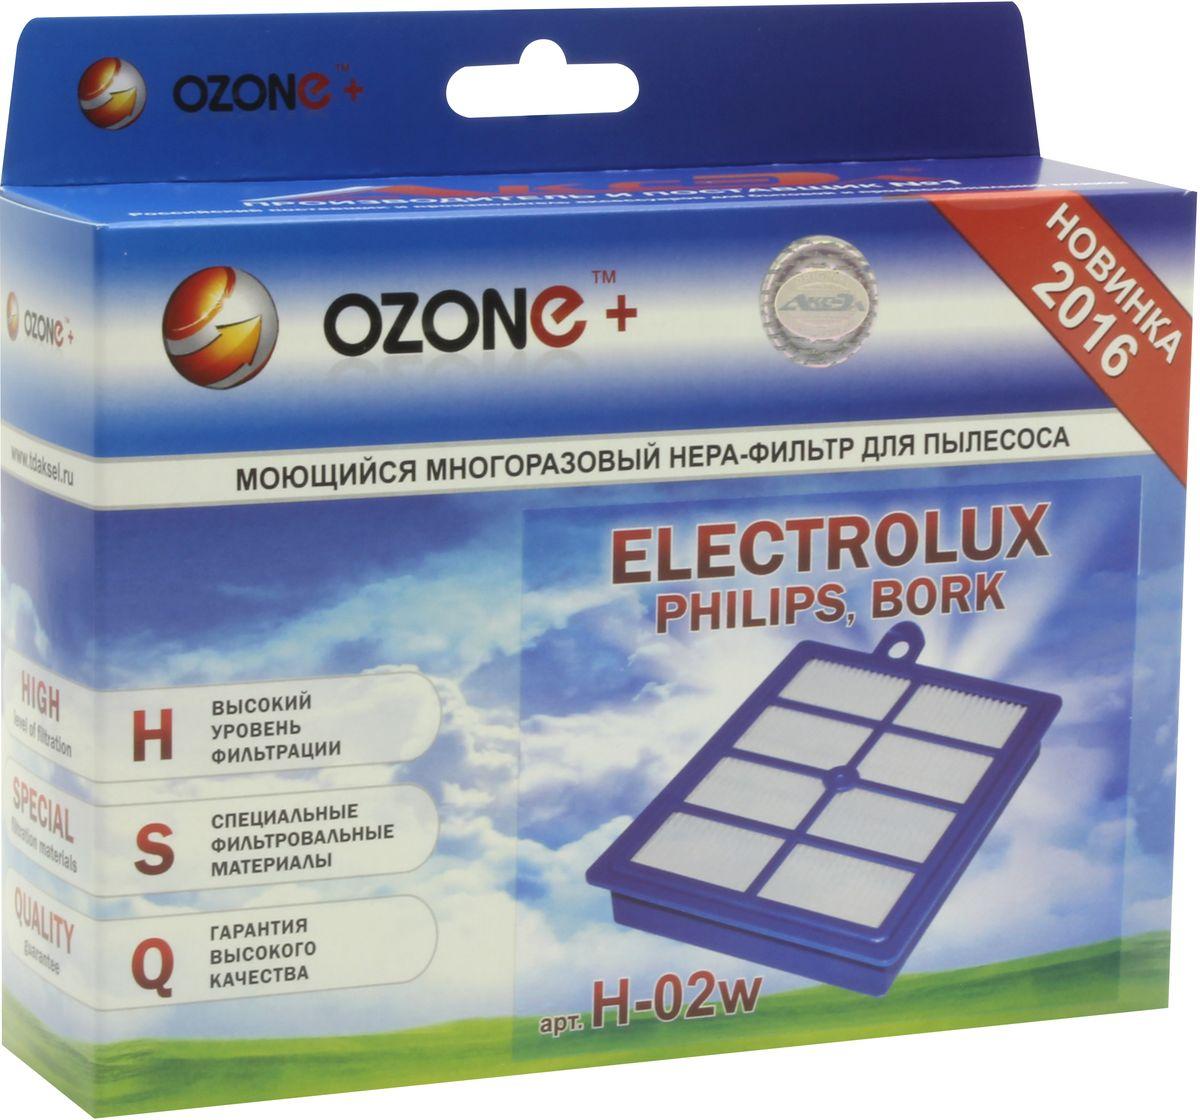 Ozone H-02W HEPA фильтр для пылесоса фильтры для воды фибос фильтр сверхтонкой очистки фибос 1